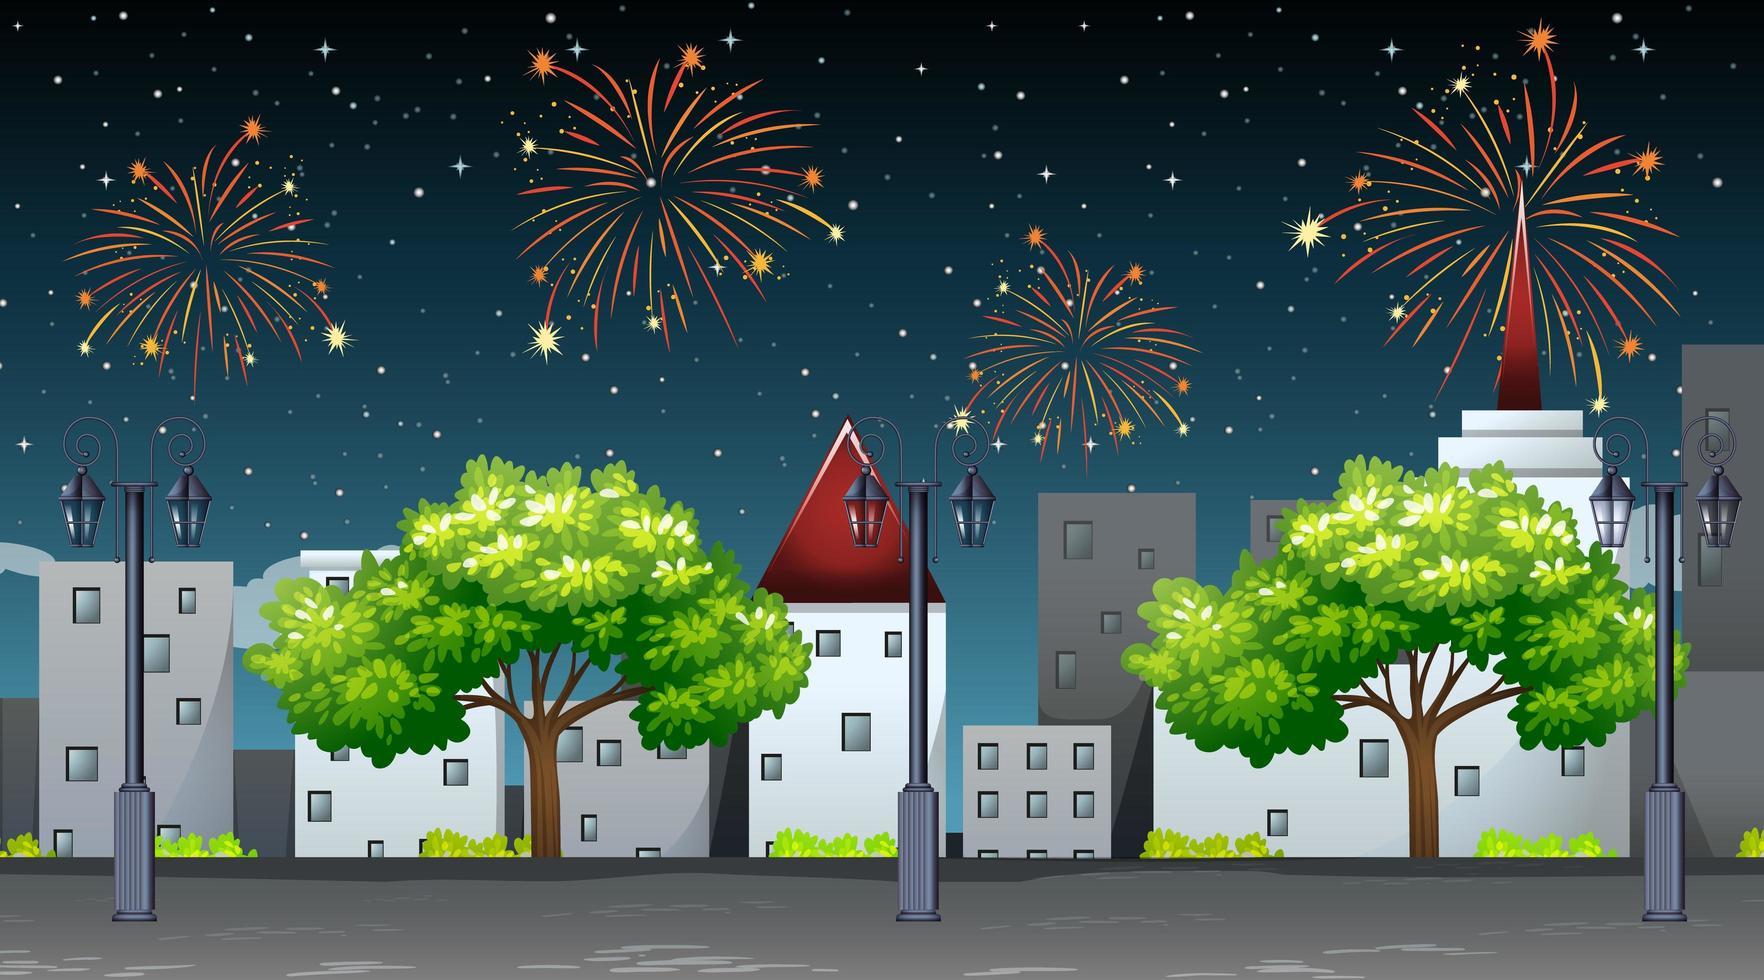 paisaje urbano con escena de celebración de fuegos artificiales vector